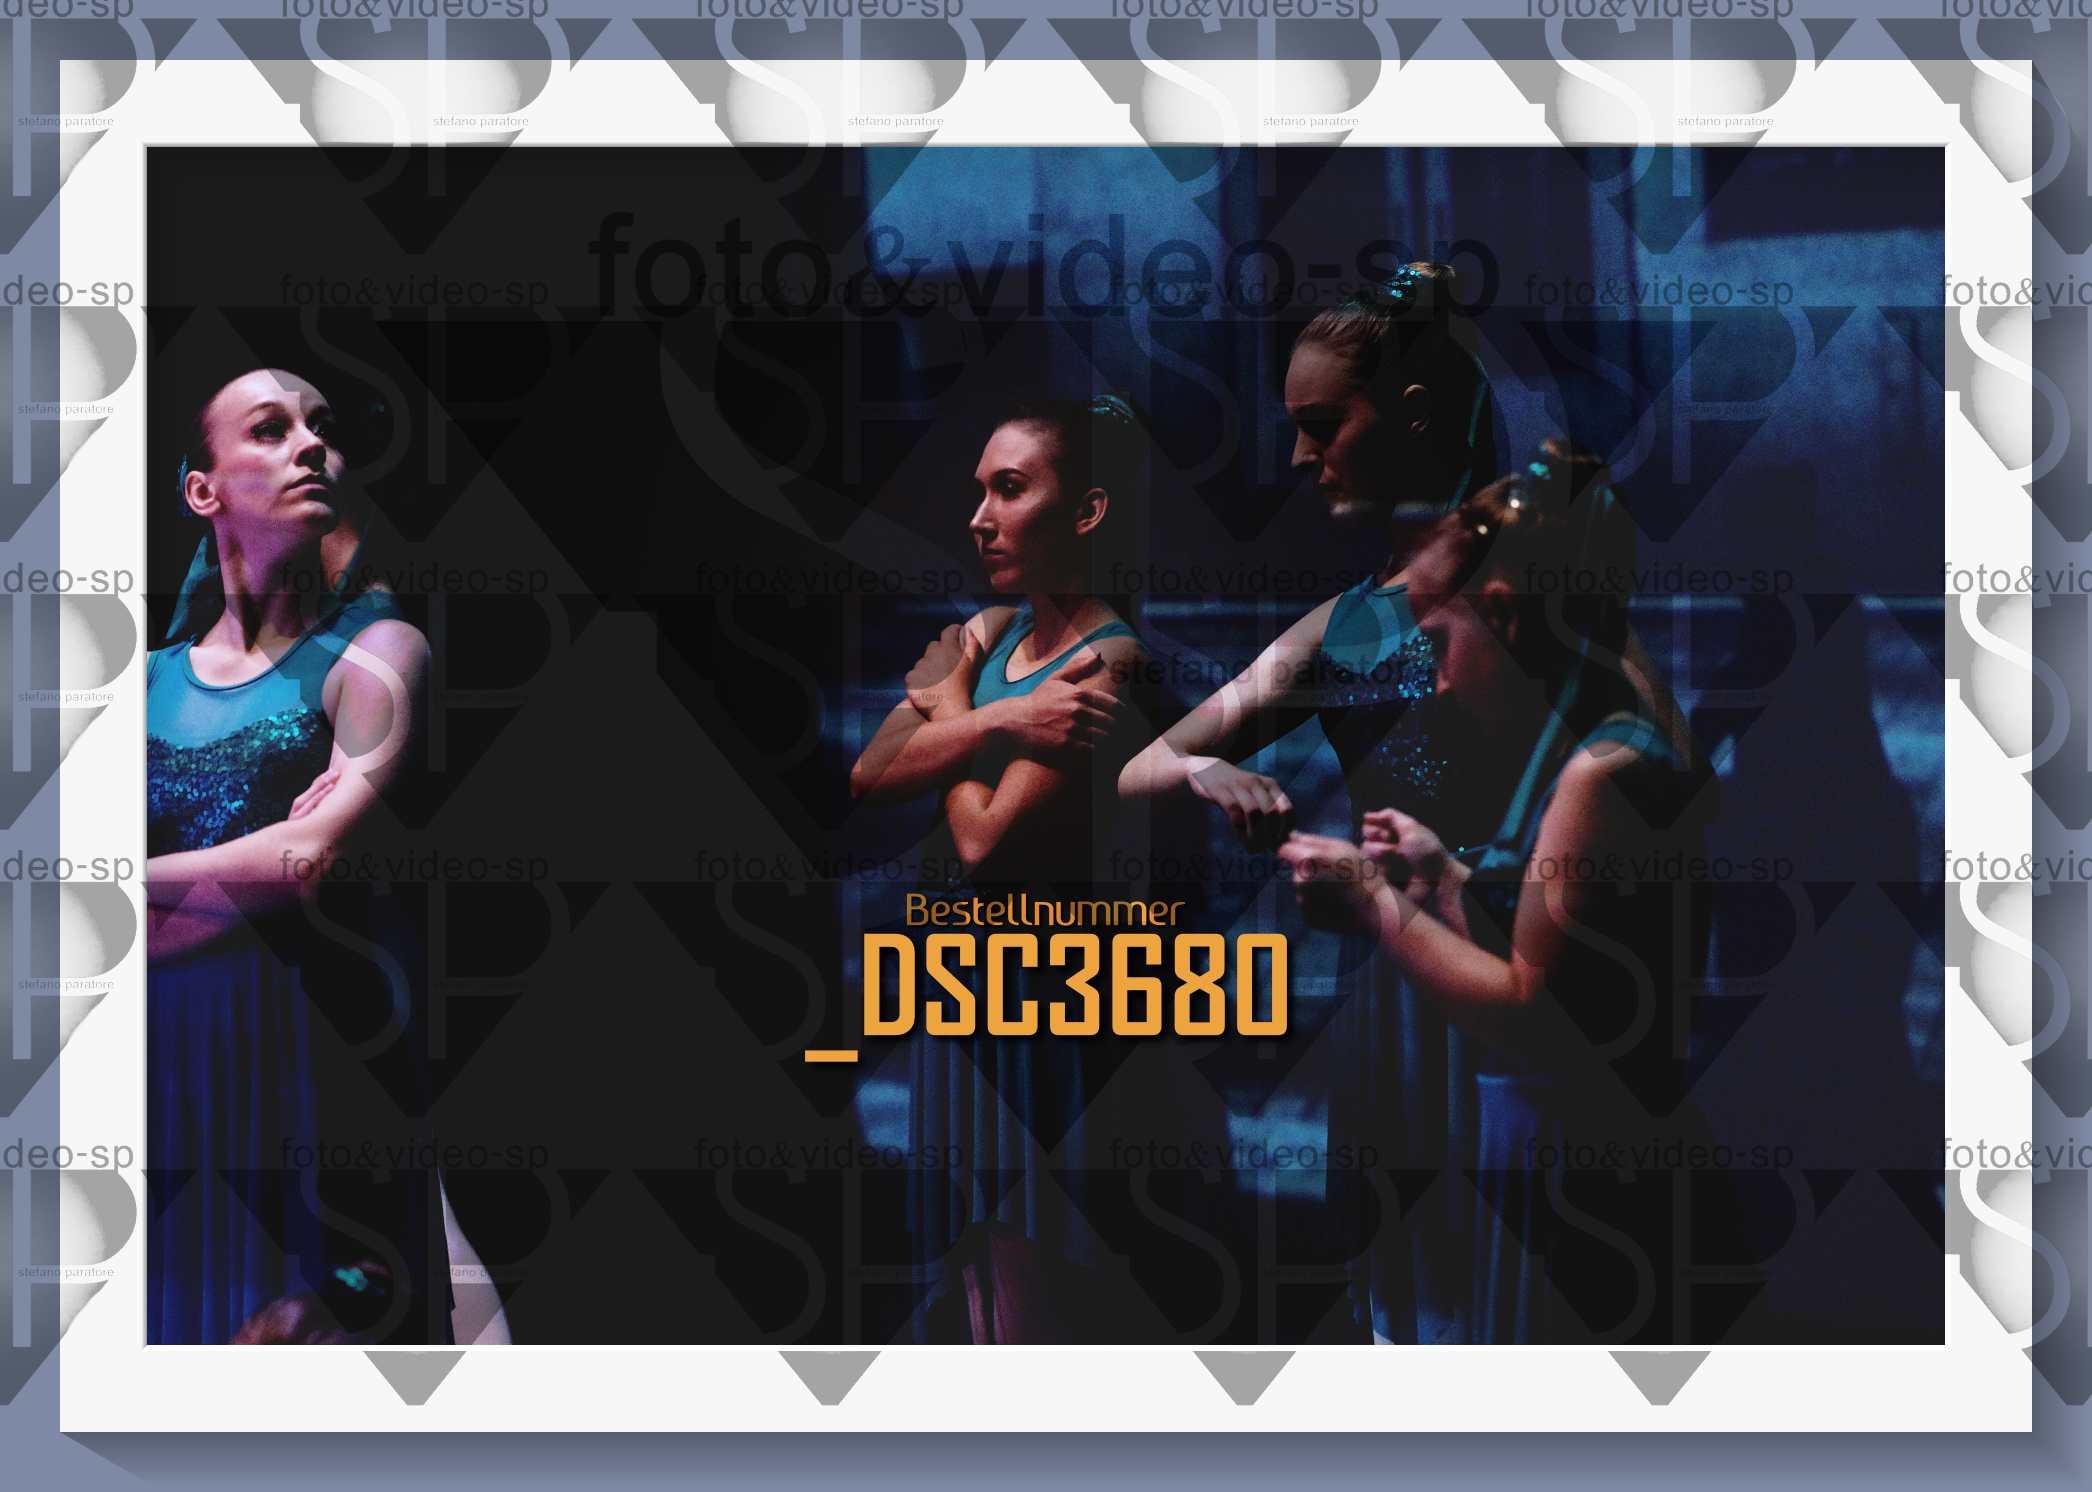 DSC3680